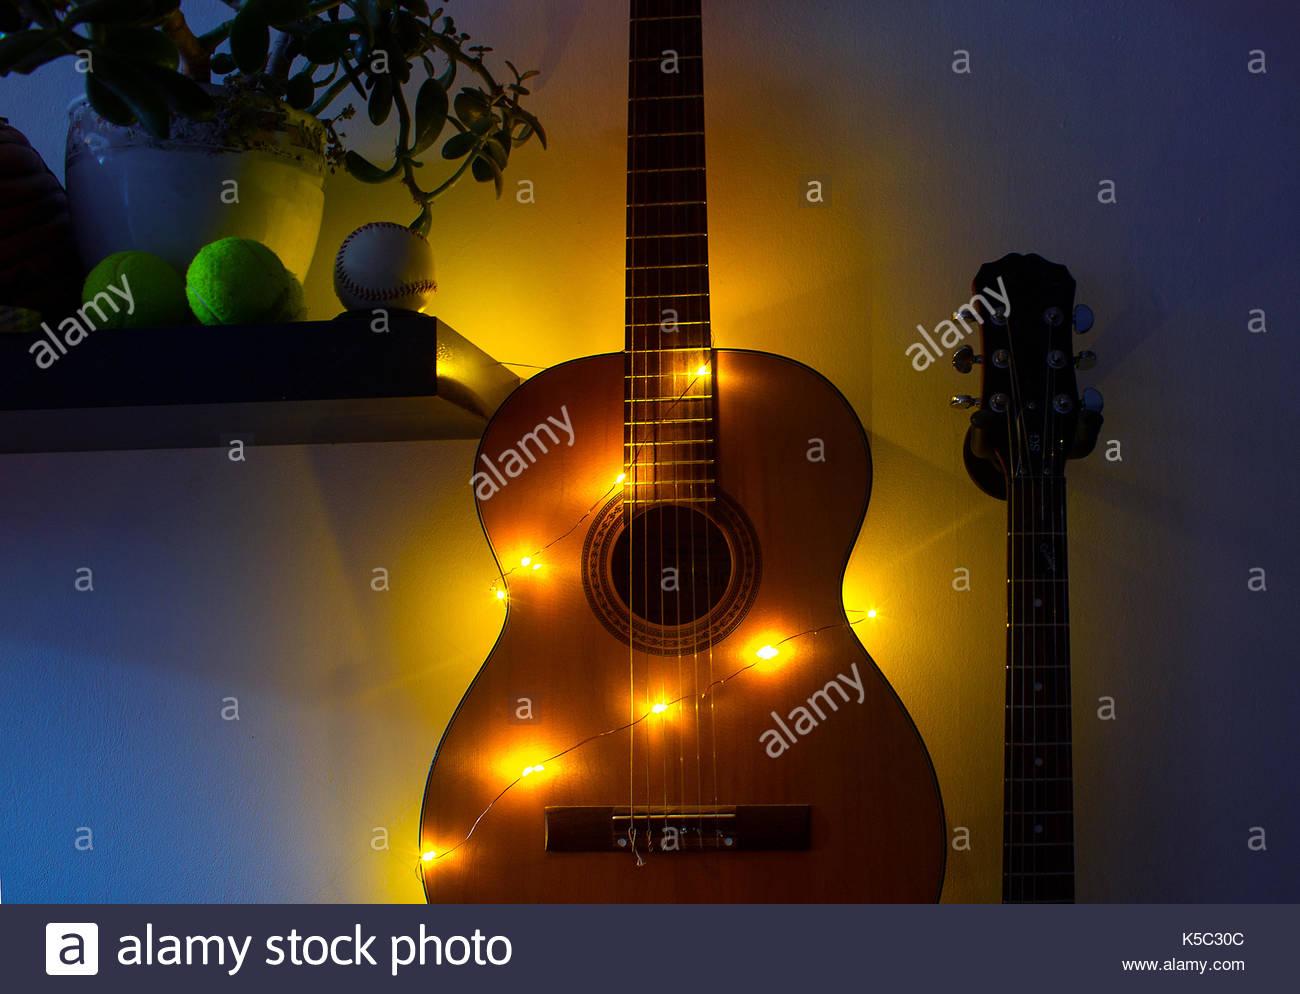 Accrocher Sa Guitare Au Mur Meilleur De Photos Guitar Rack S & Guitar Rack Alamy